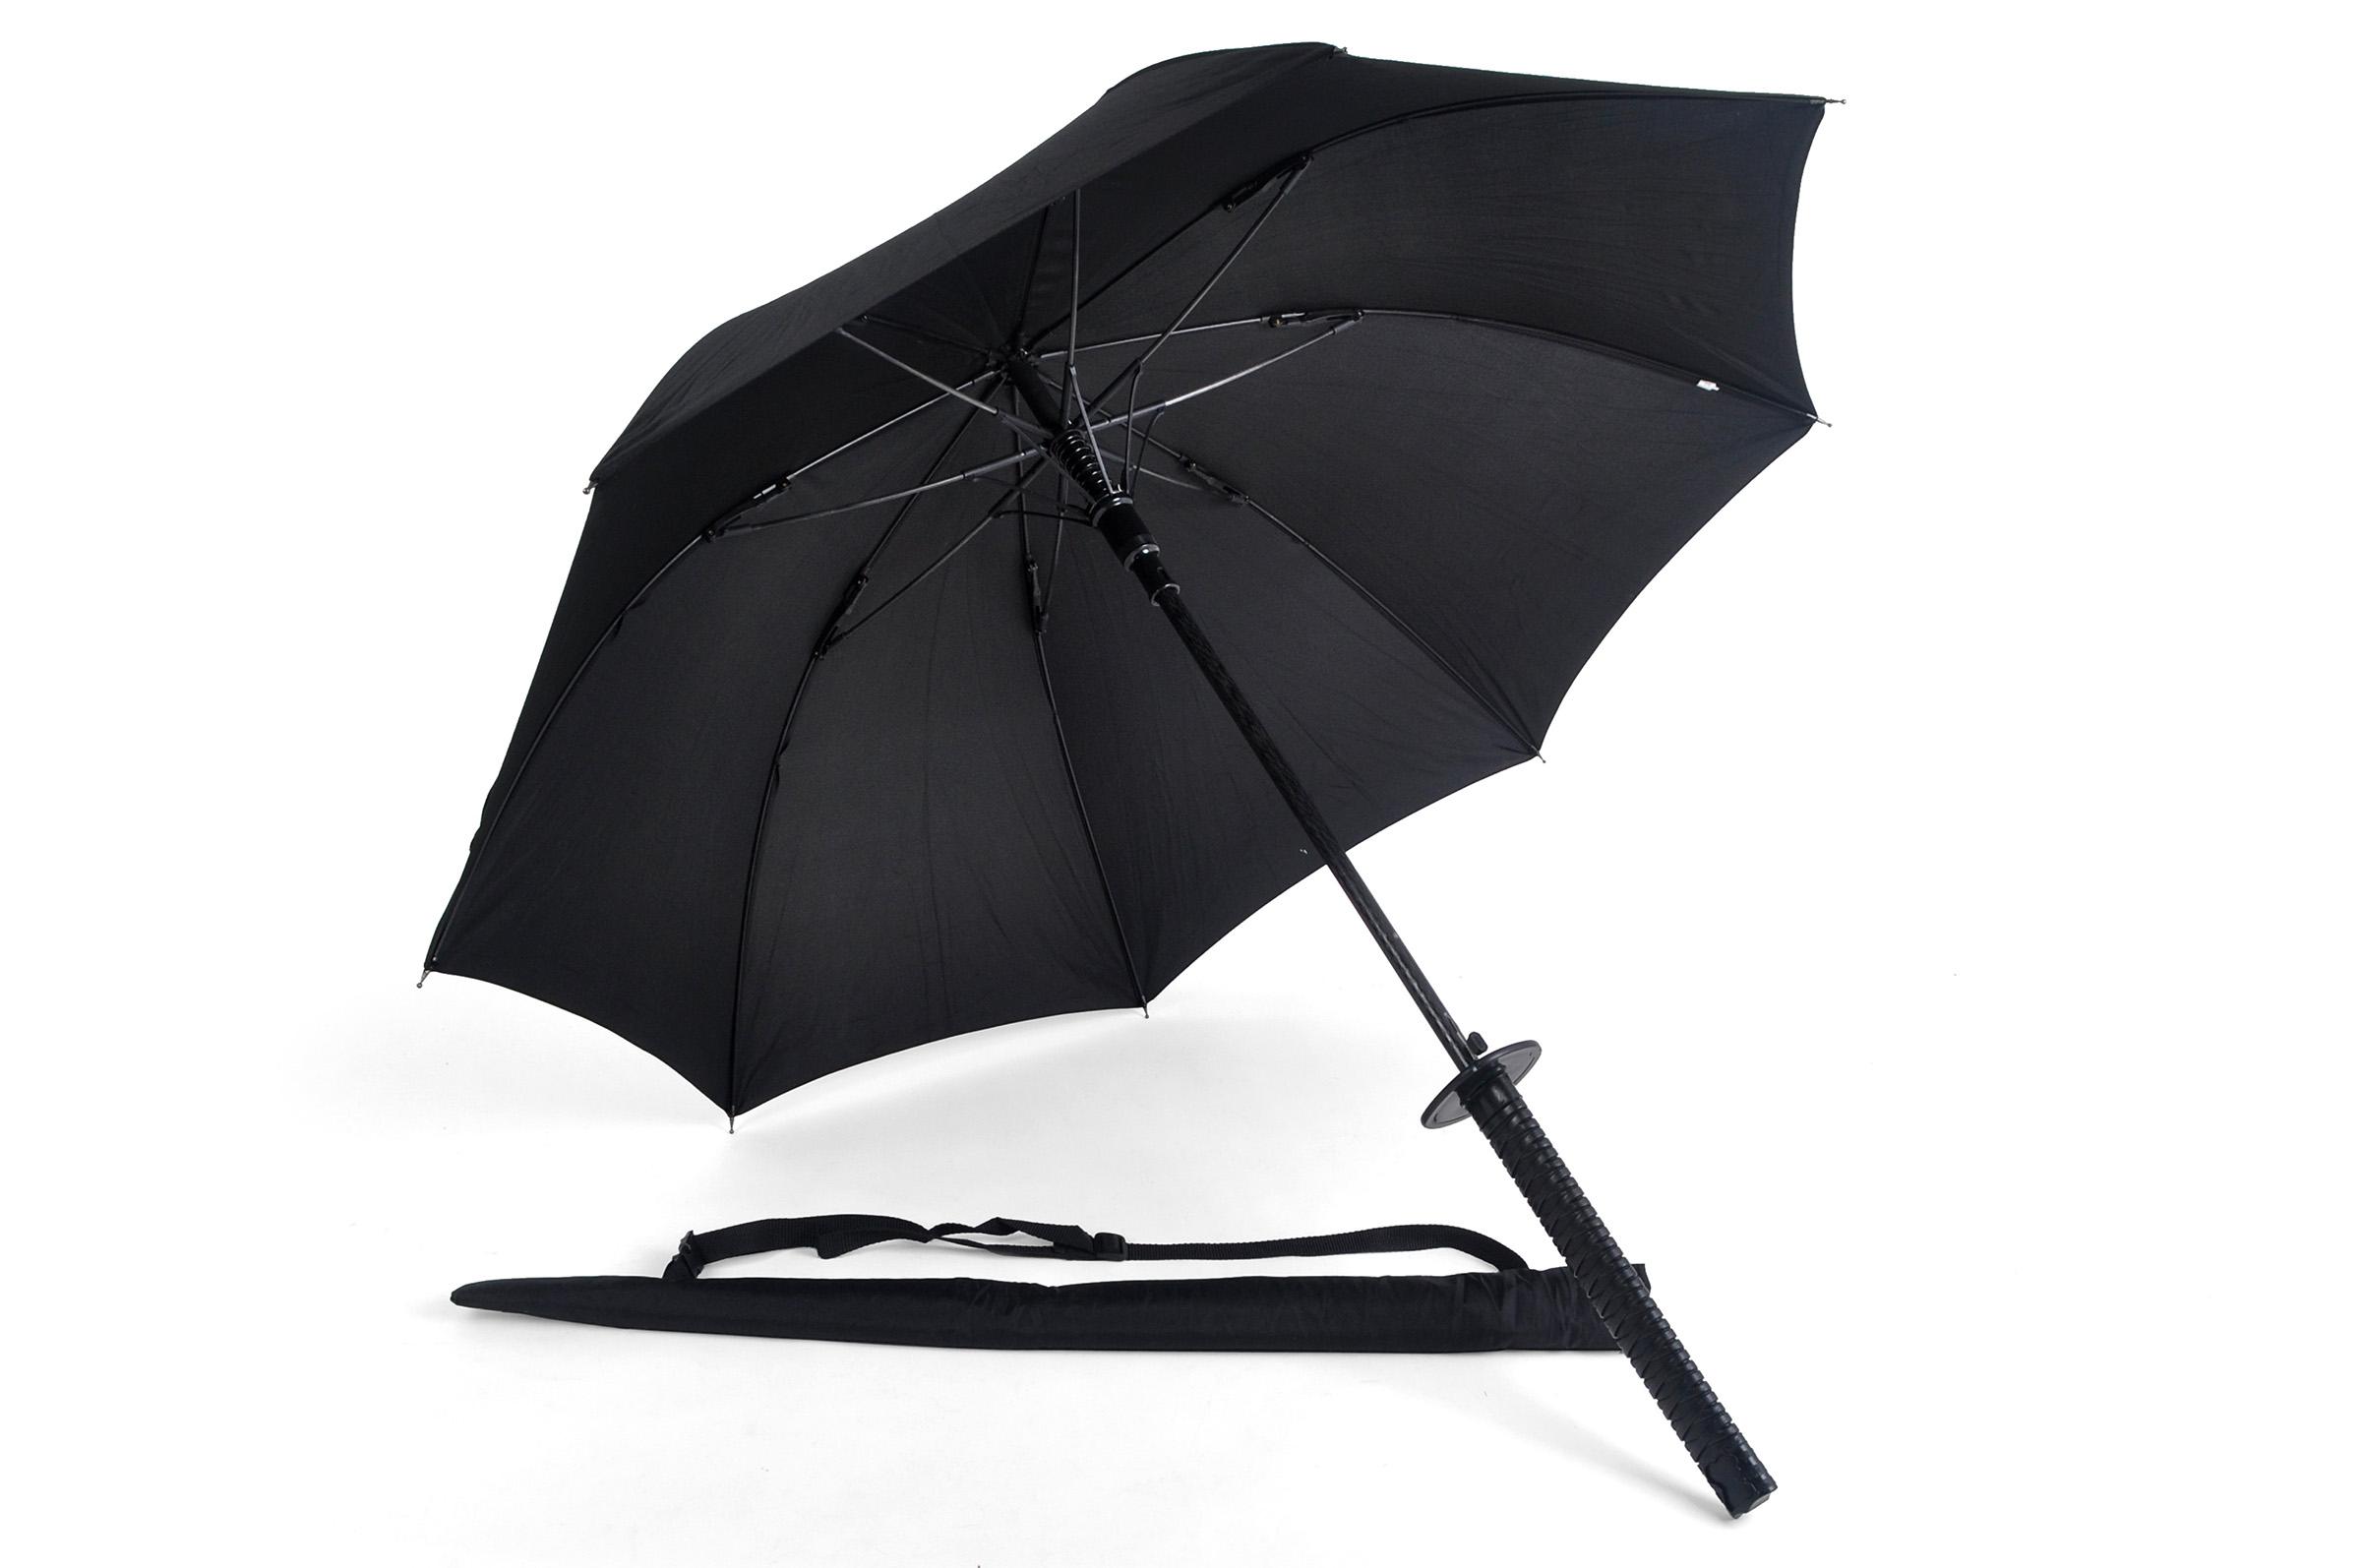 Parapluie Katana, Parapluie Samourai «Black Rain Samuraï»